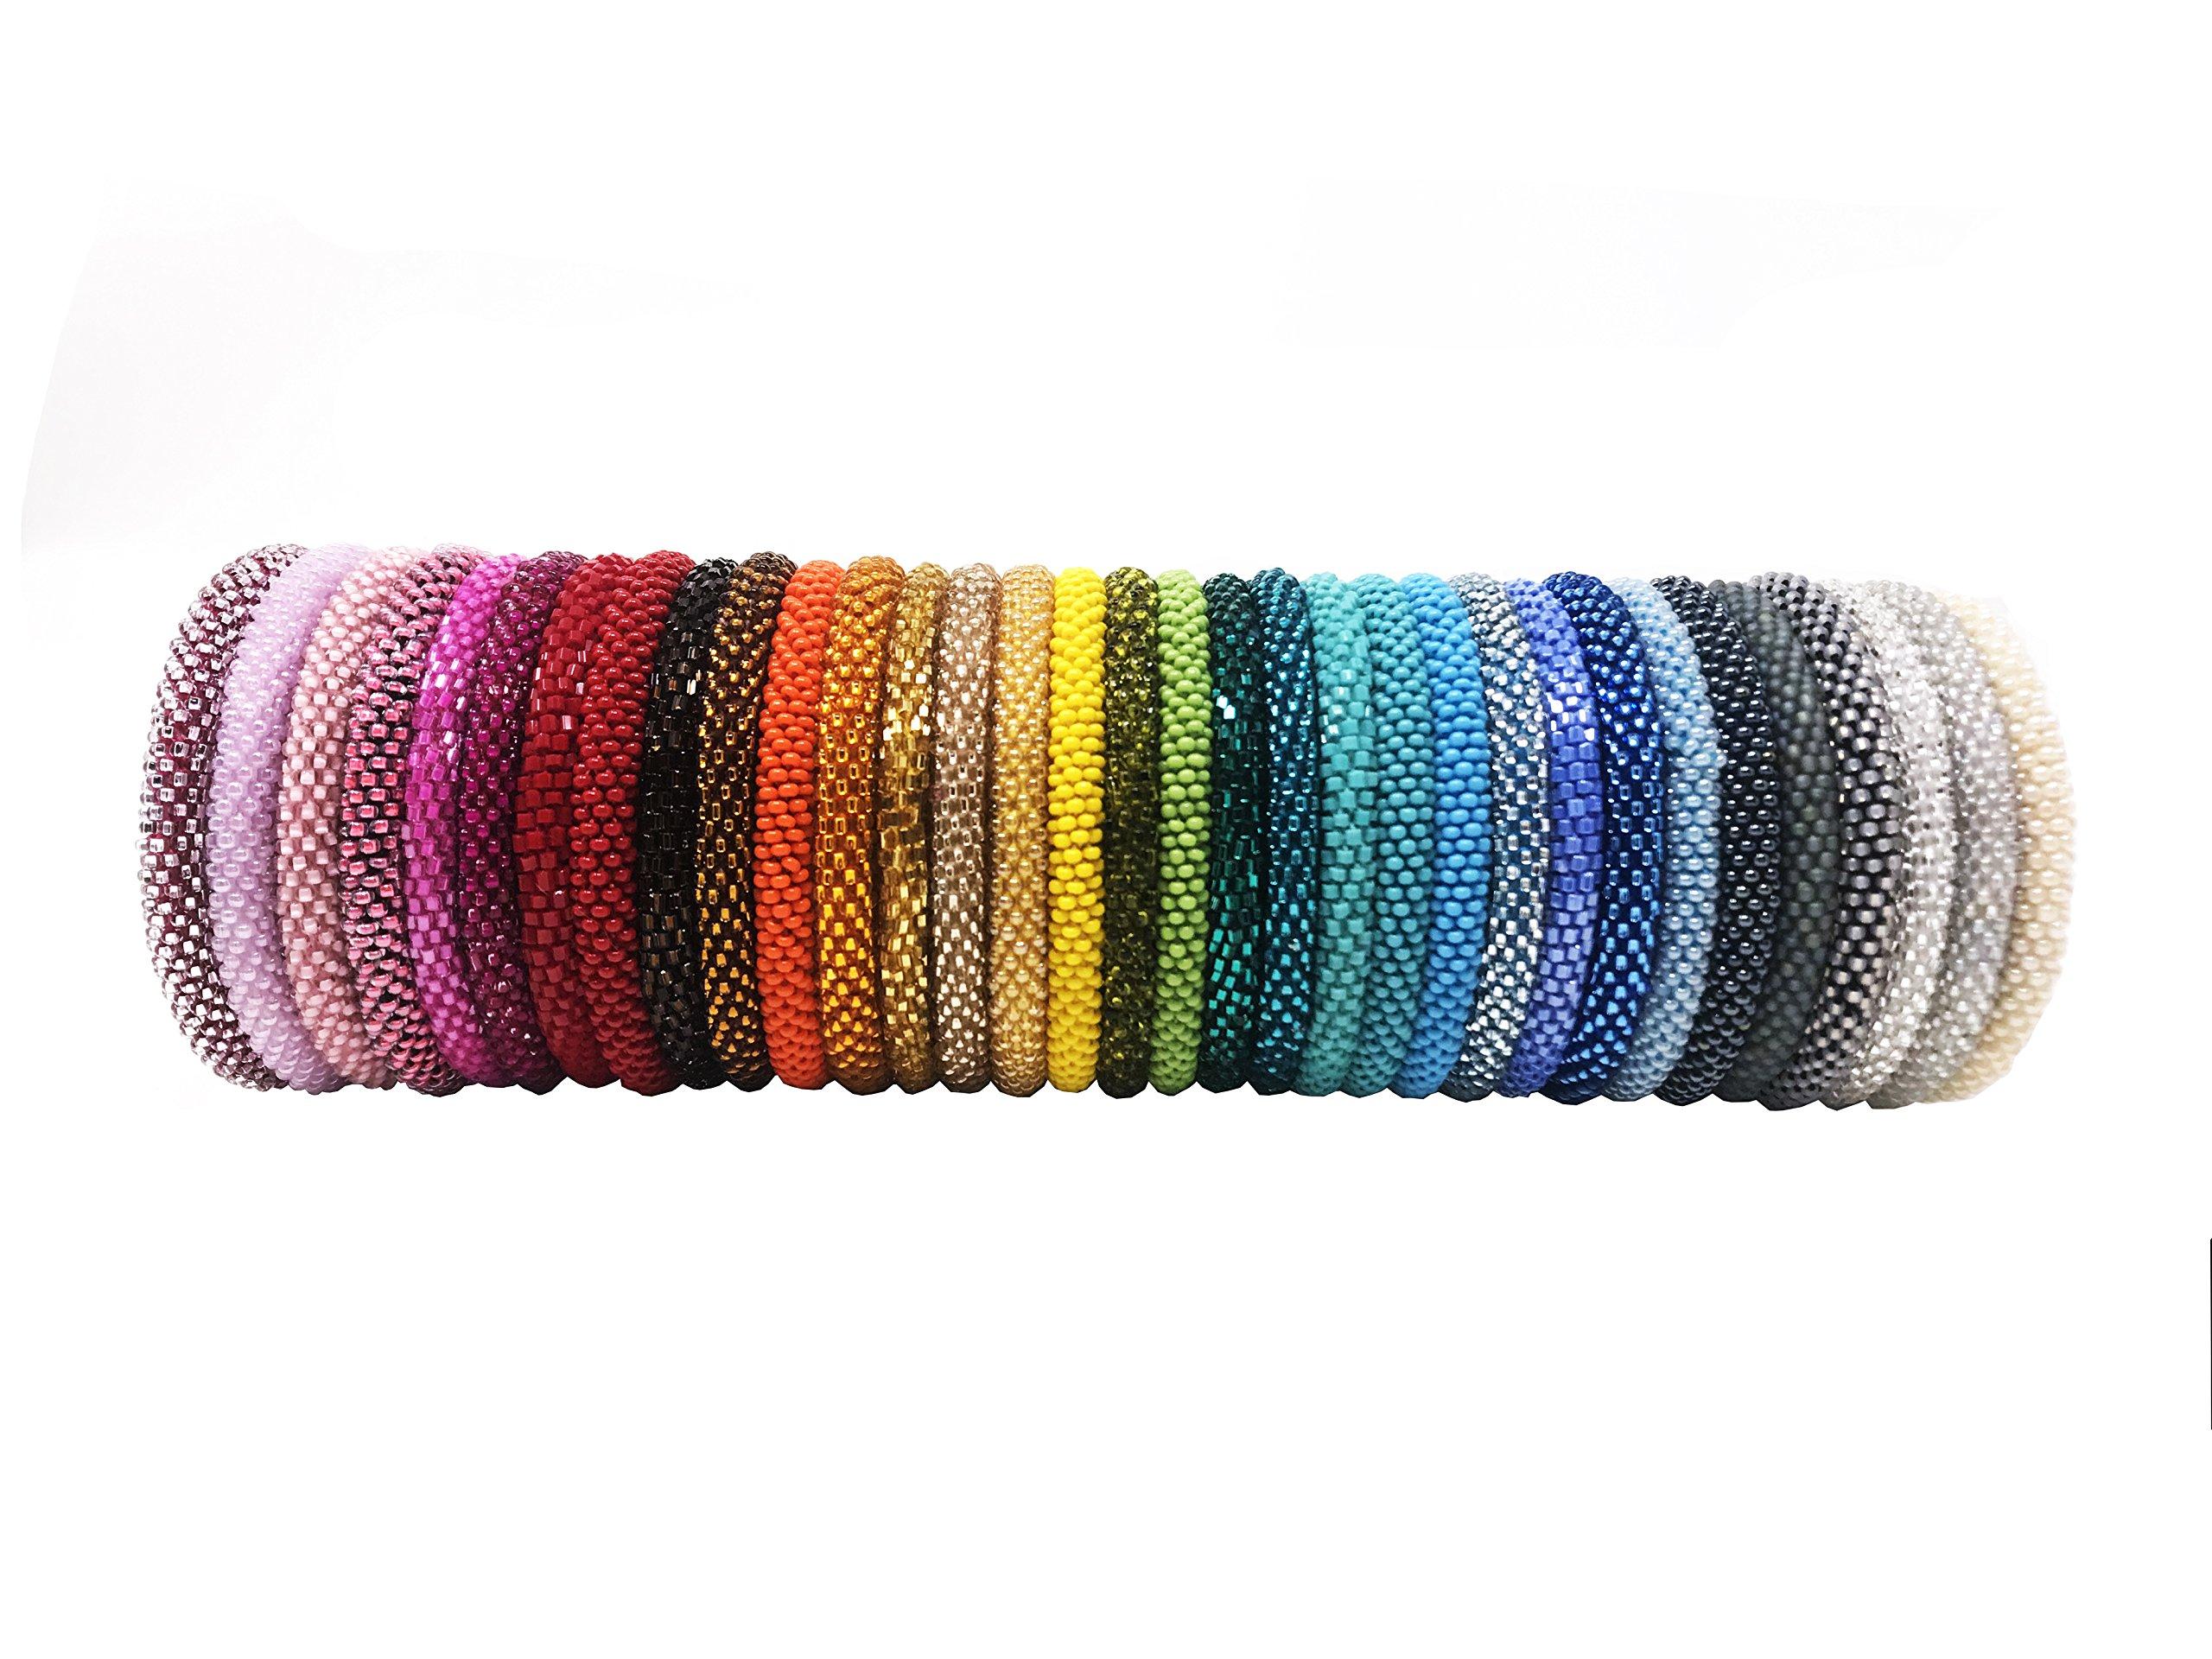 Wigspedia Handmade Crochet Glass Seed Bead Nepal Roll on Boho Bracelet - Wholesale Solid Bracelets (12 Pieces Solid Bracelets)